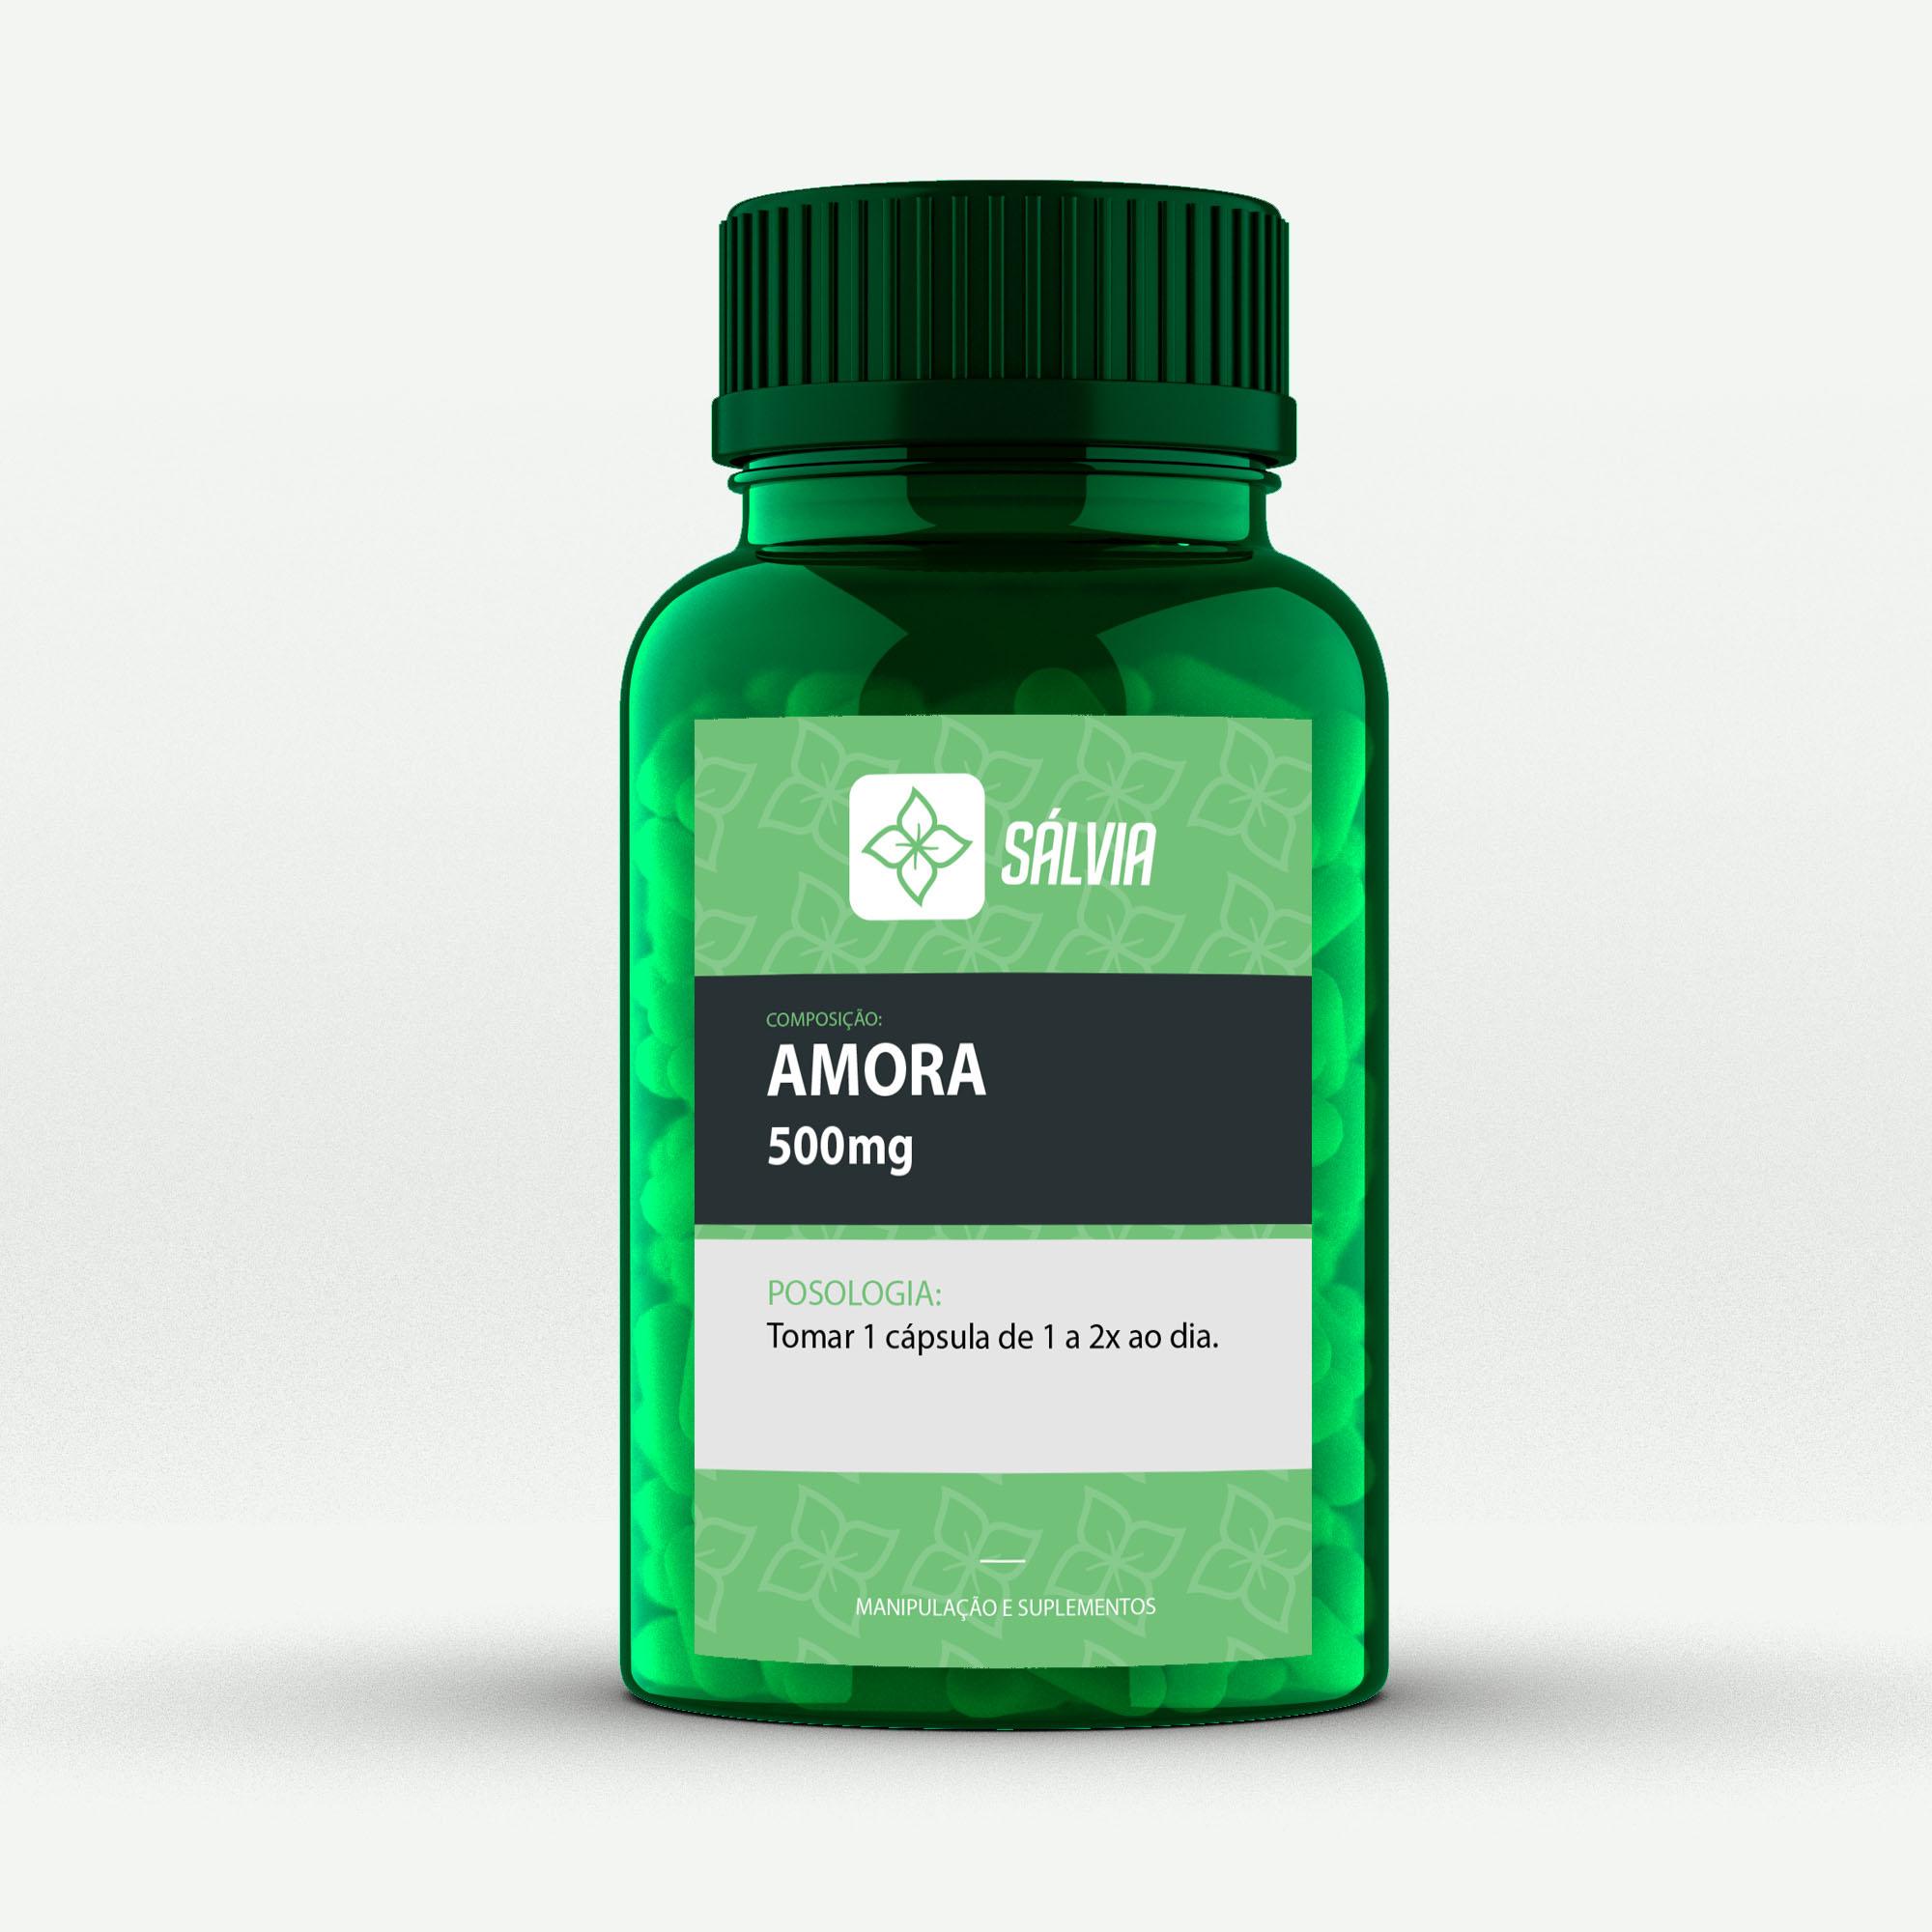 AMORA 500mg - Cápsulas